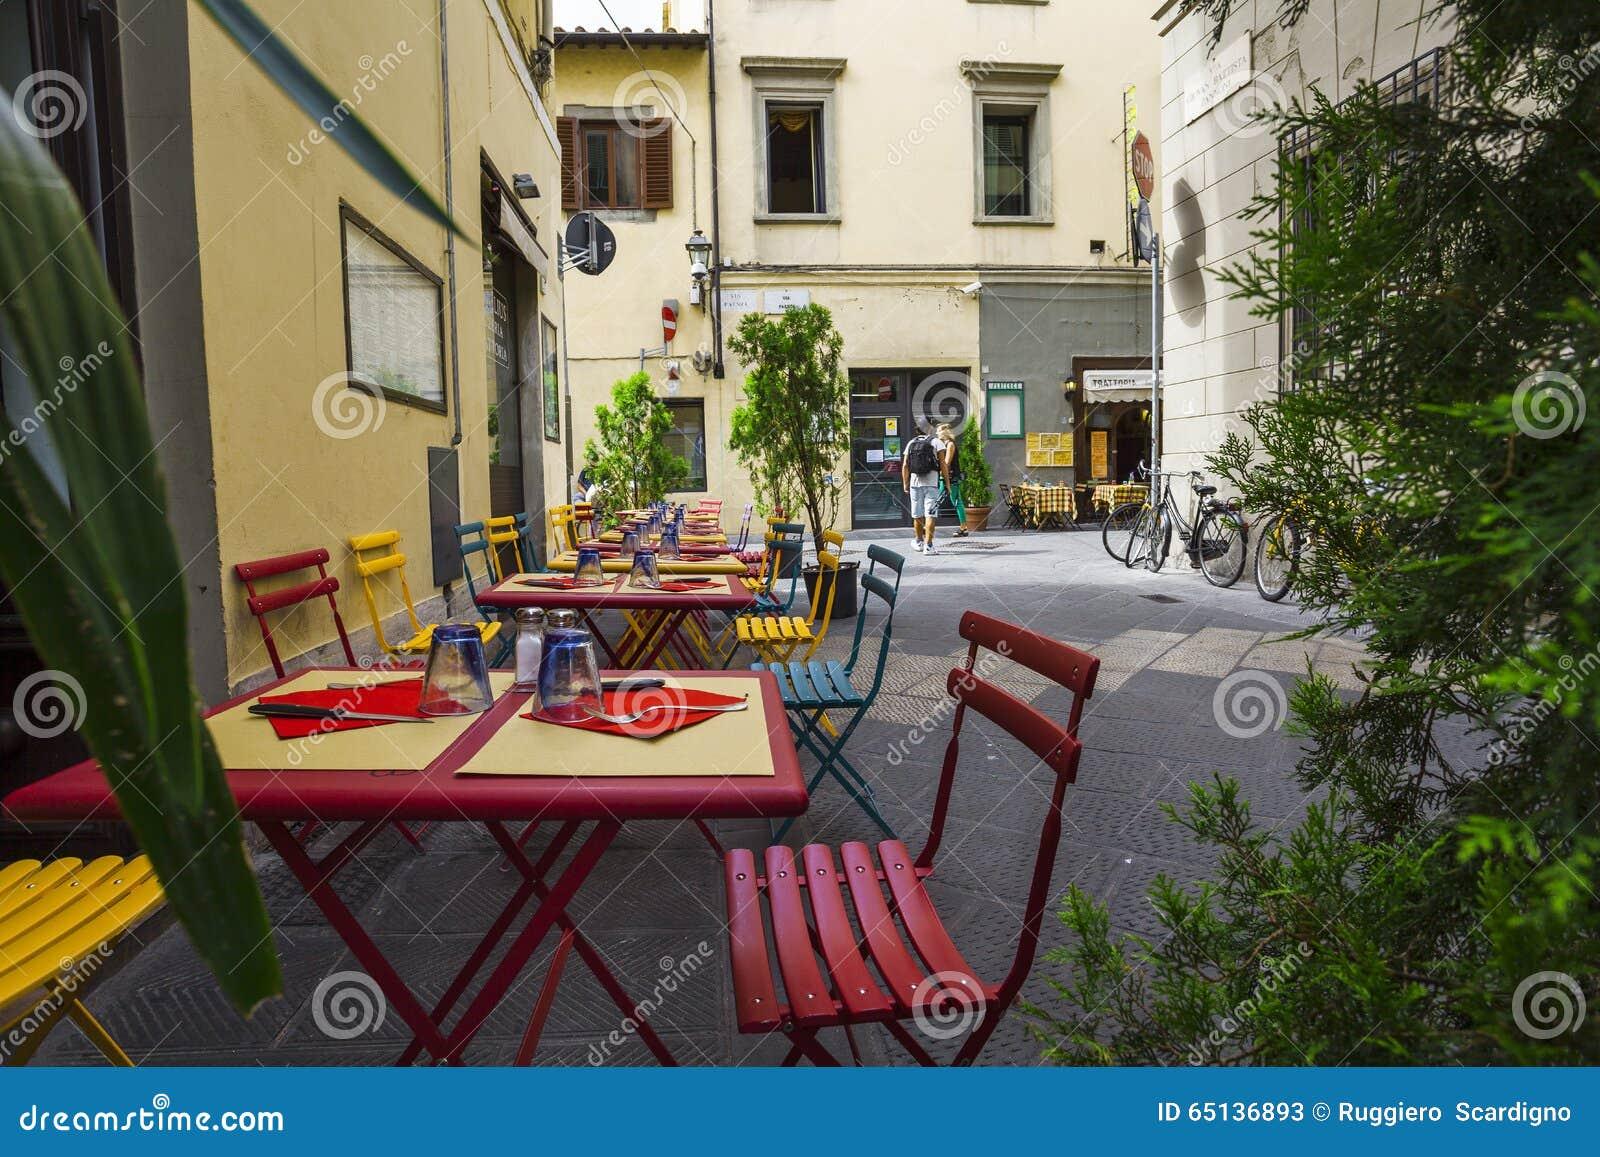 Ristorante, pizzeria e trattoria italiani, Firenze tuscany